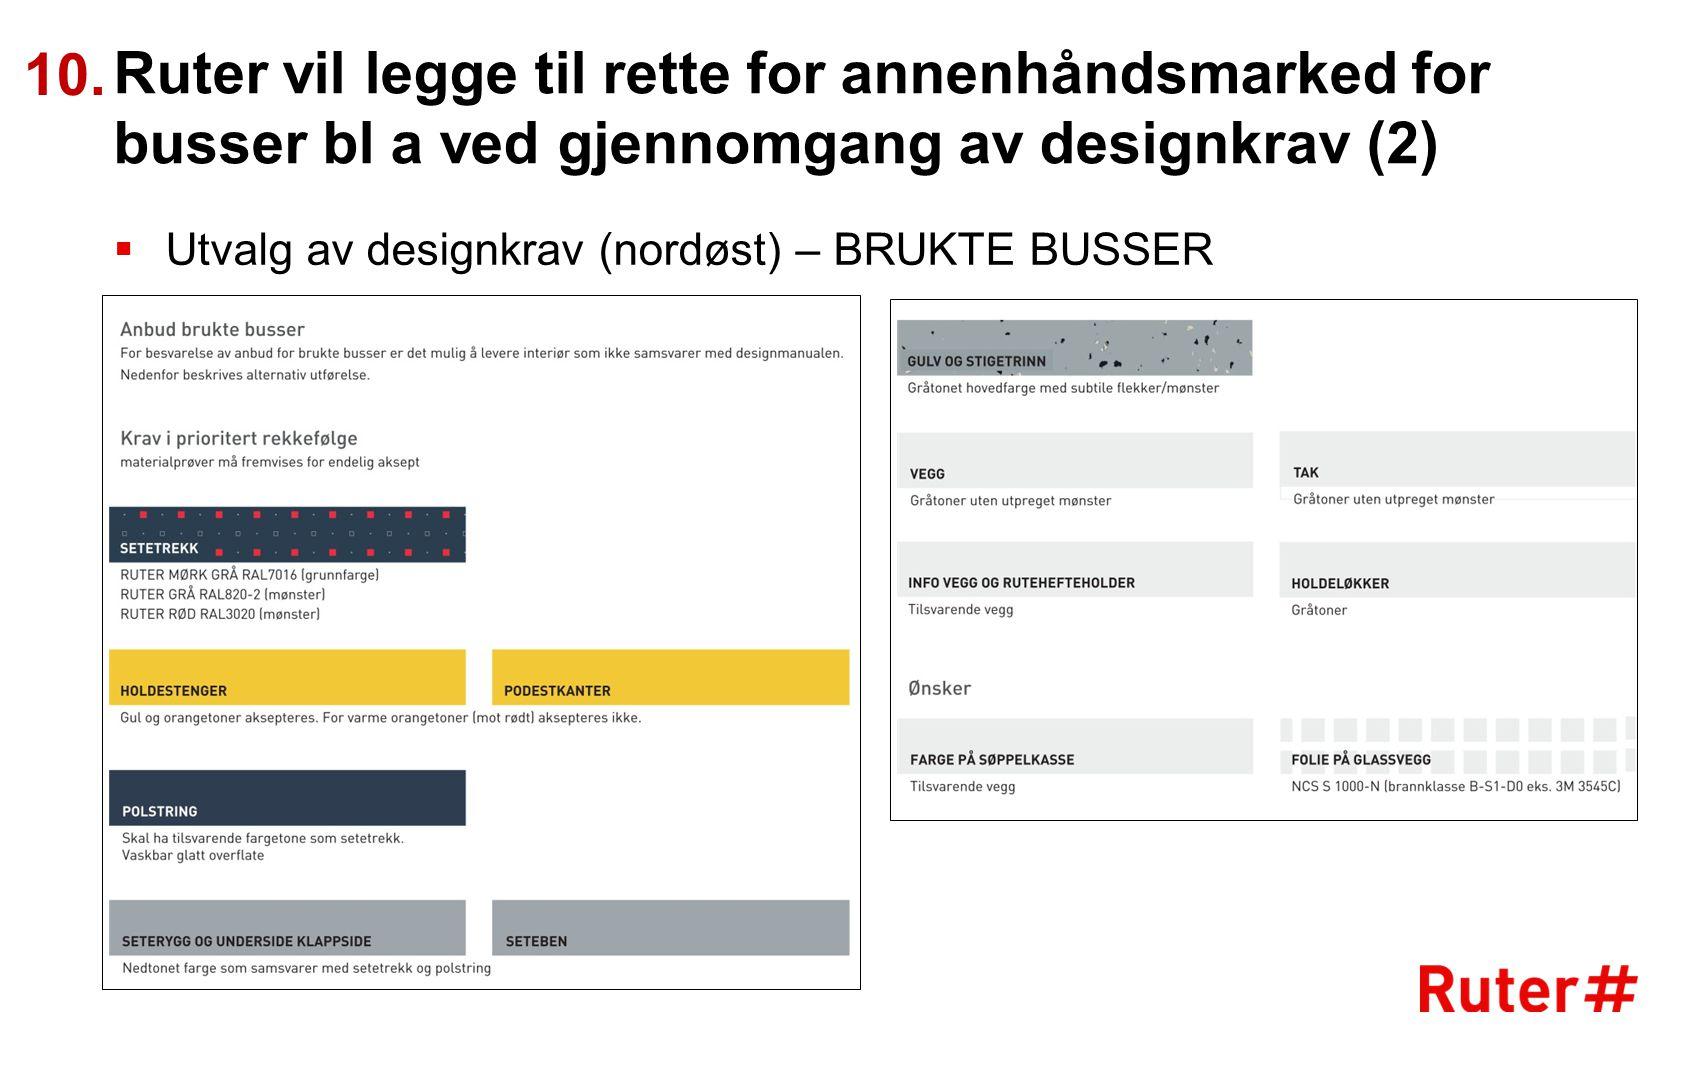 Ruter vil legge til rette for annenhåndsmarked for busser bl a ved gjennomgang av designkrav (2)  Utvalg av designkrav (nordøst) – BRUKTE BUSSER 10.